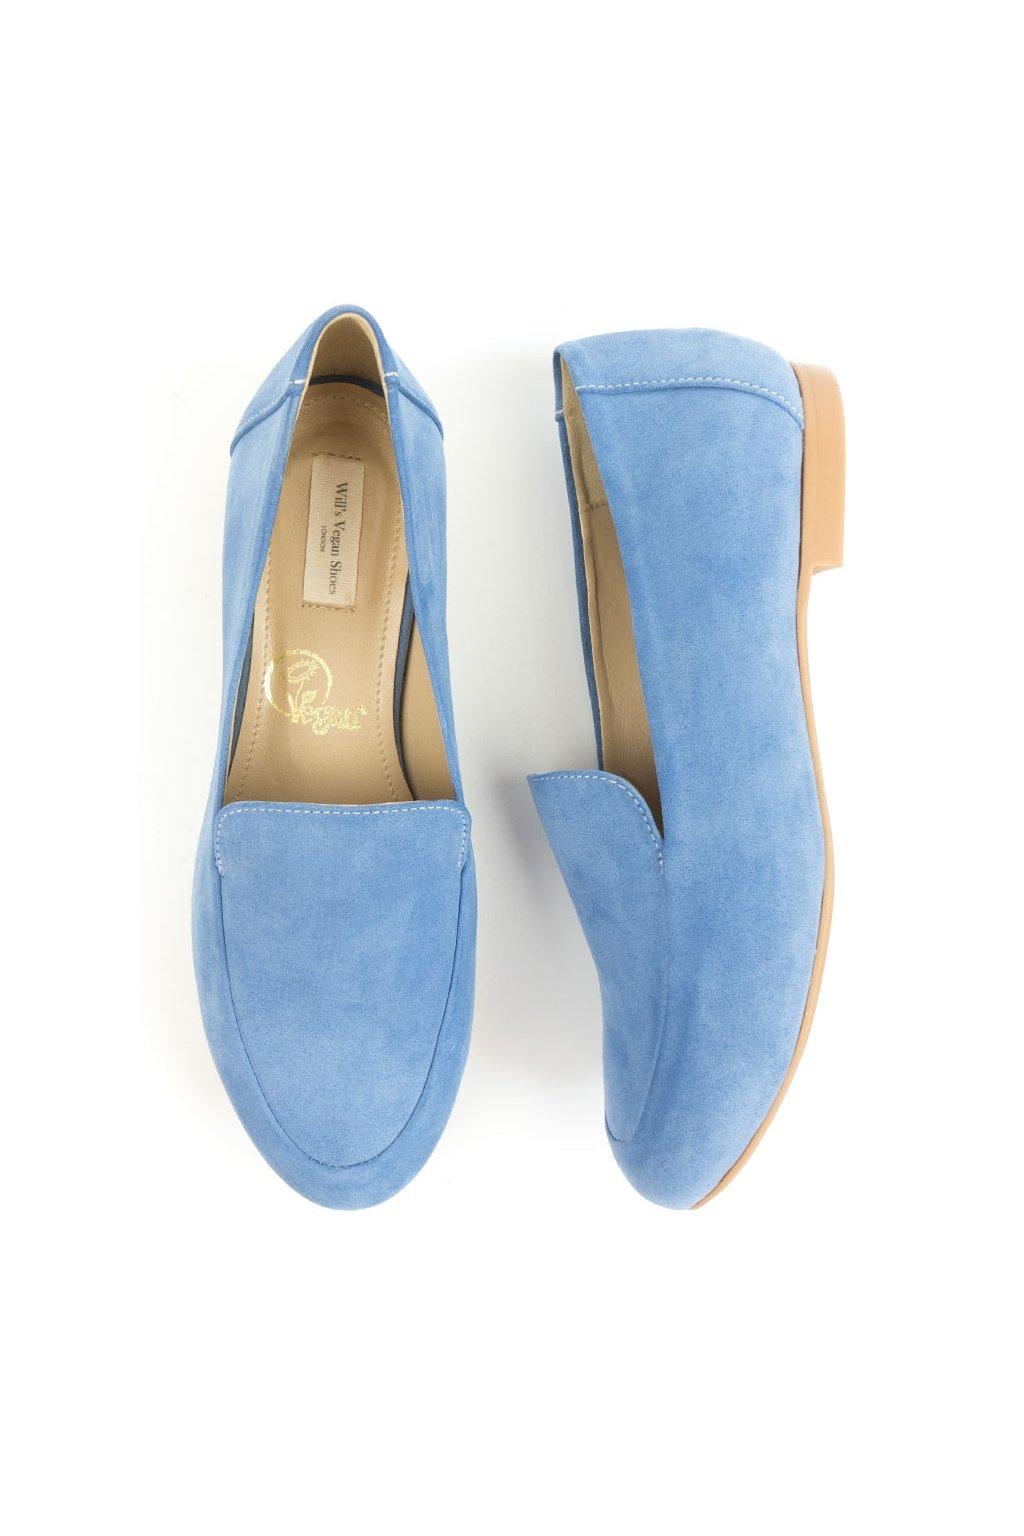 """Dámske modré mokasíny """"Loafers Blue"""""""